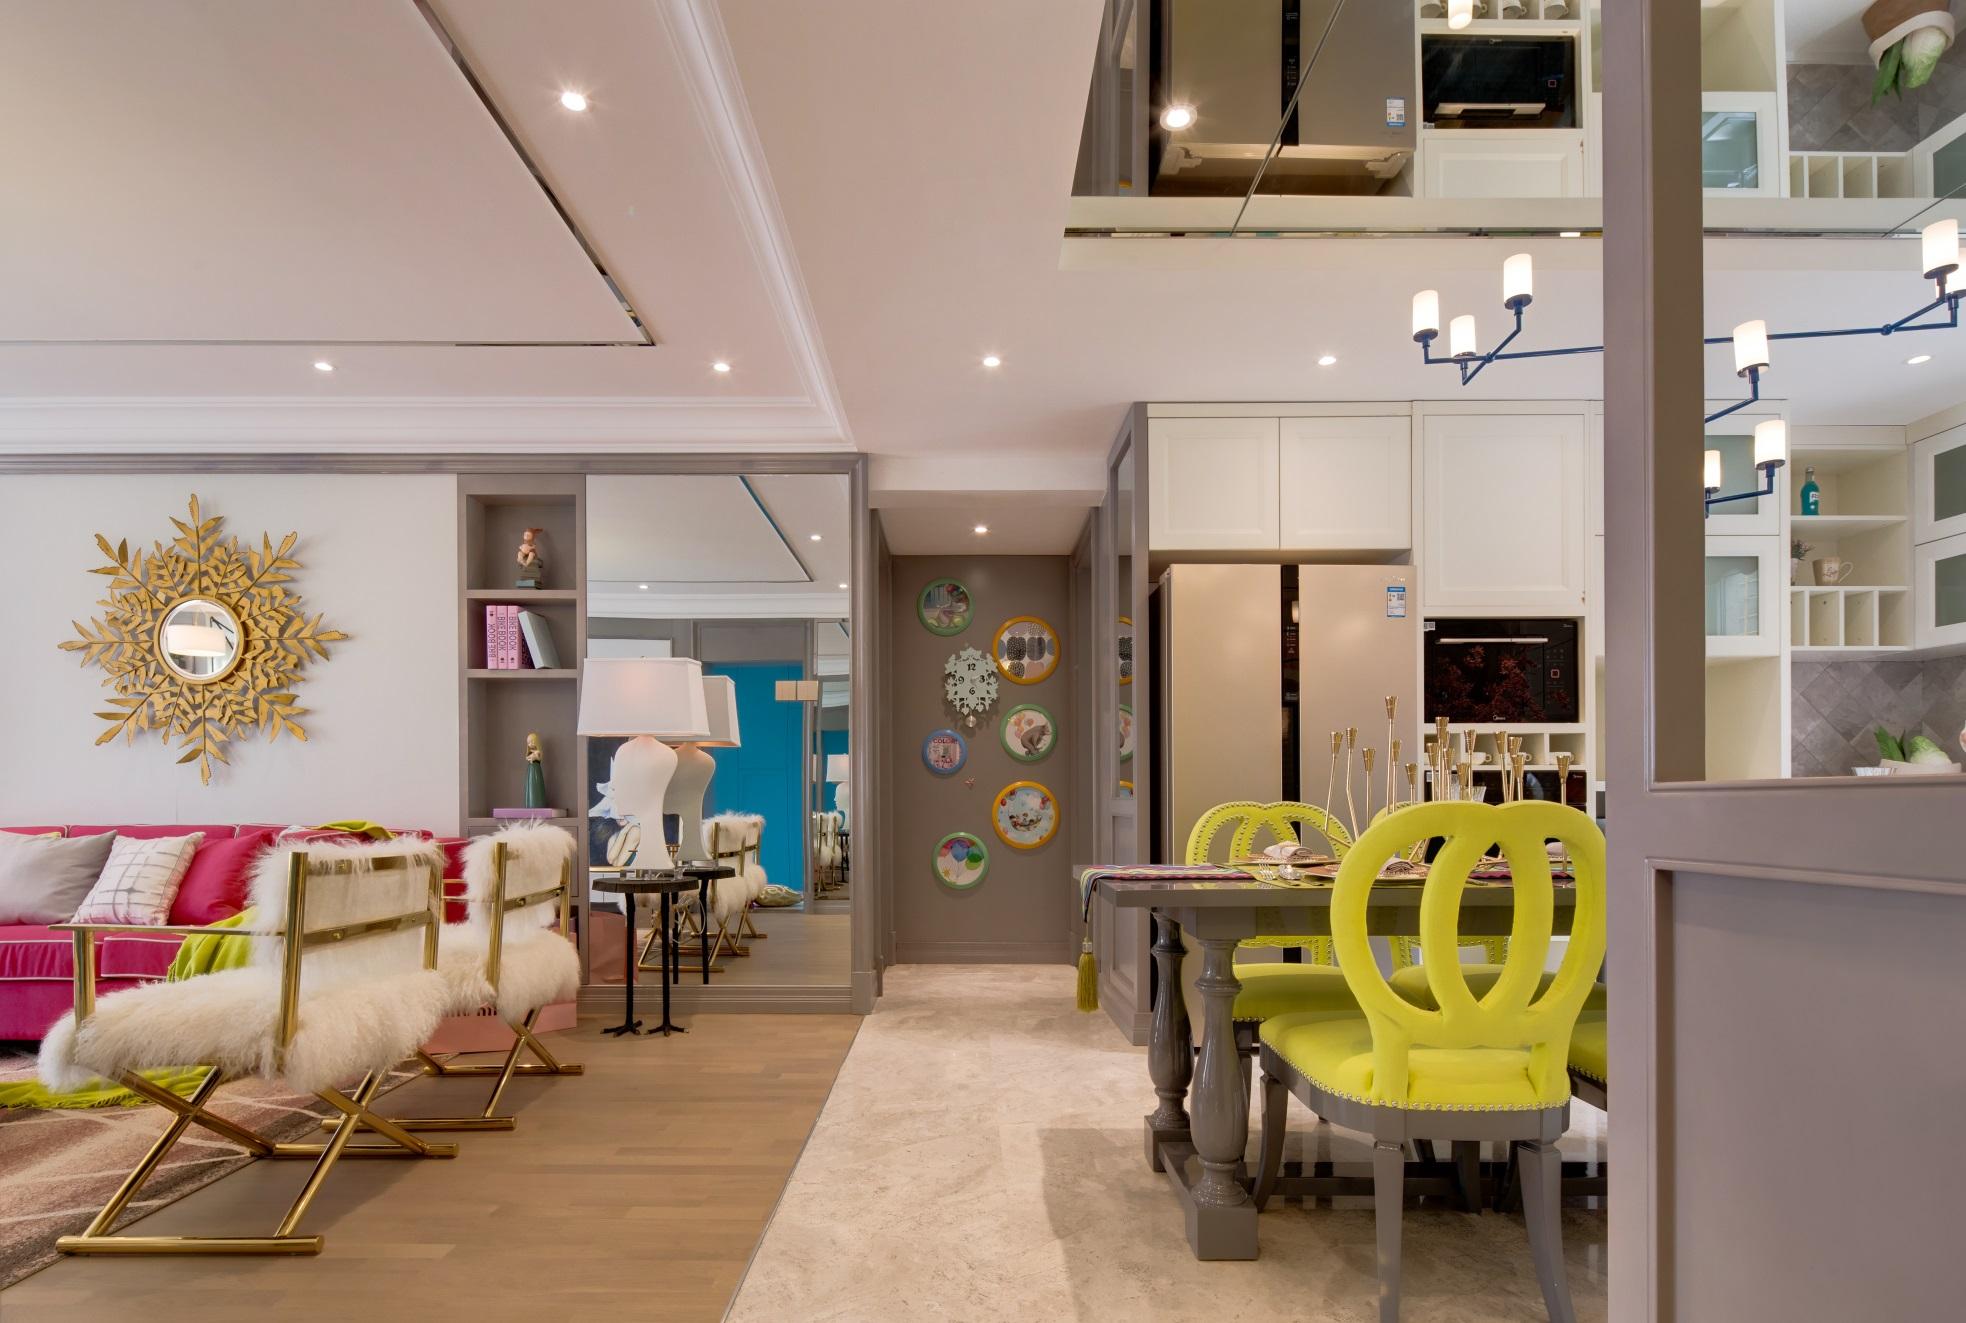 餐厅在客厅一侧,空间使用吊顶和地砖划分功能区,打造出充满活力的欧式居室。